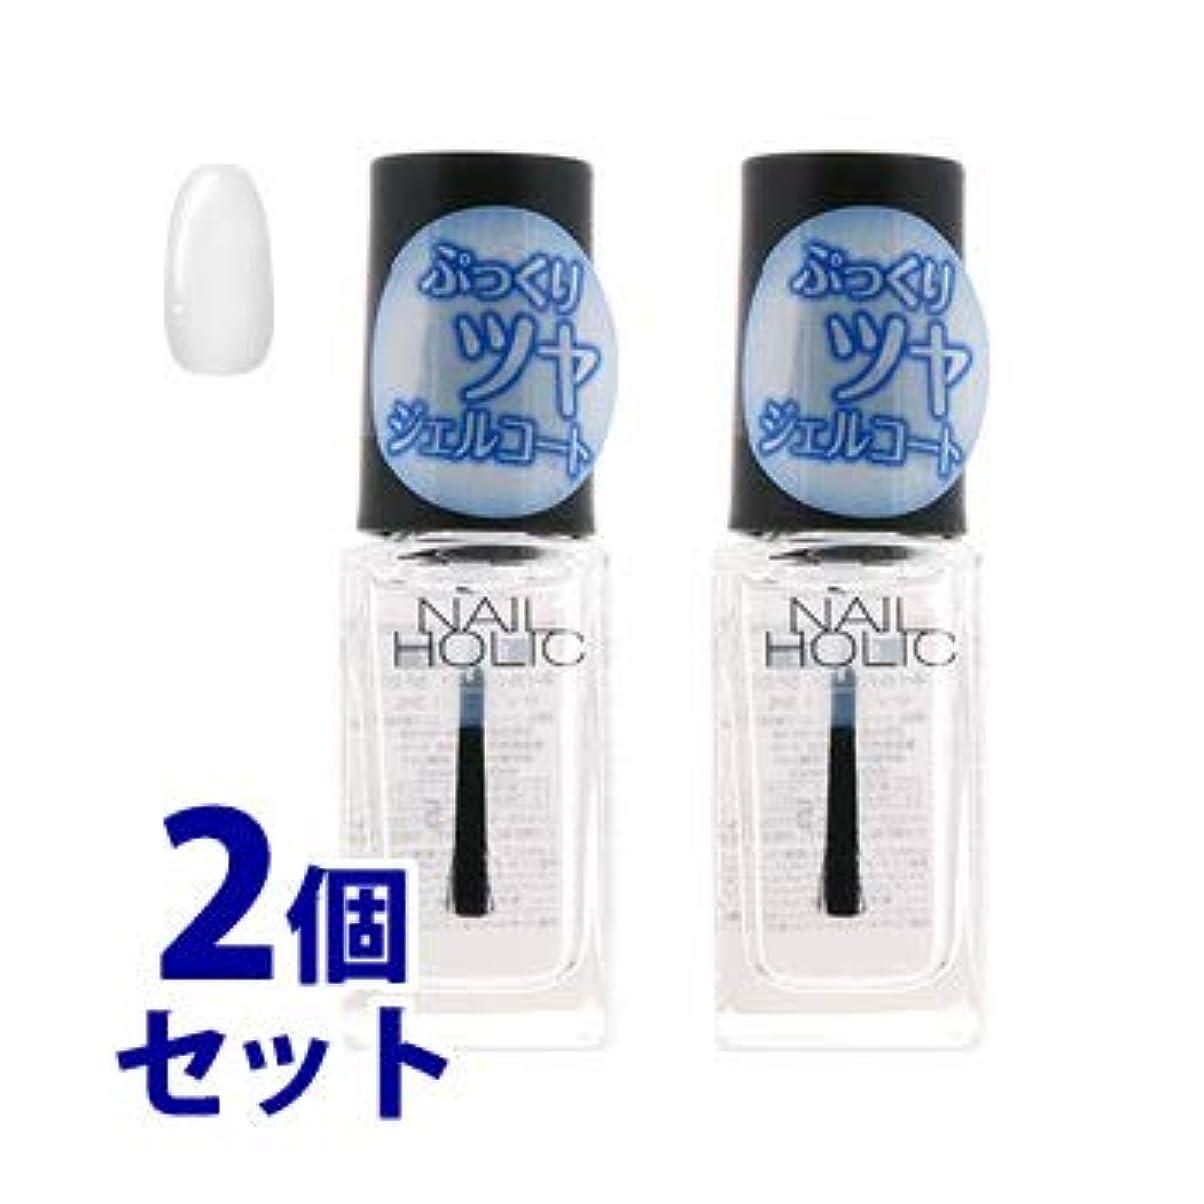 渇きフロー歯科の《セット販売》 コーセー ネイルホリック SP012 (5mL)×2個セット トップコート NAILHOLIC